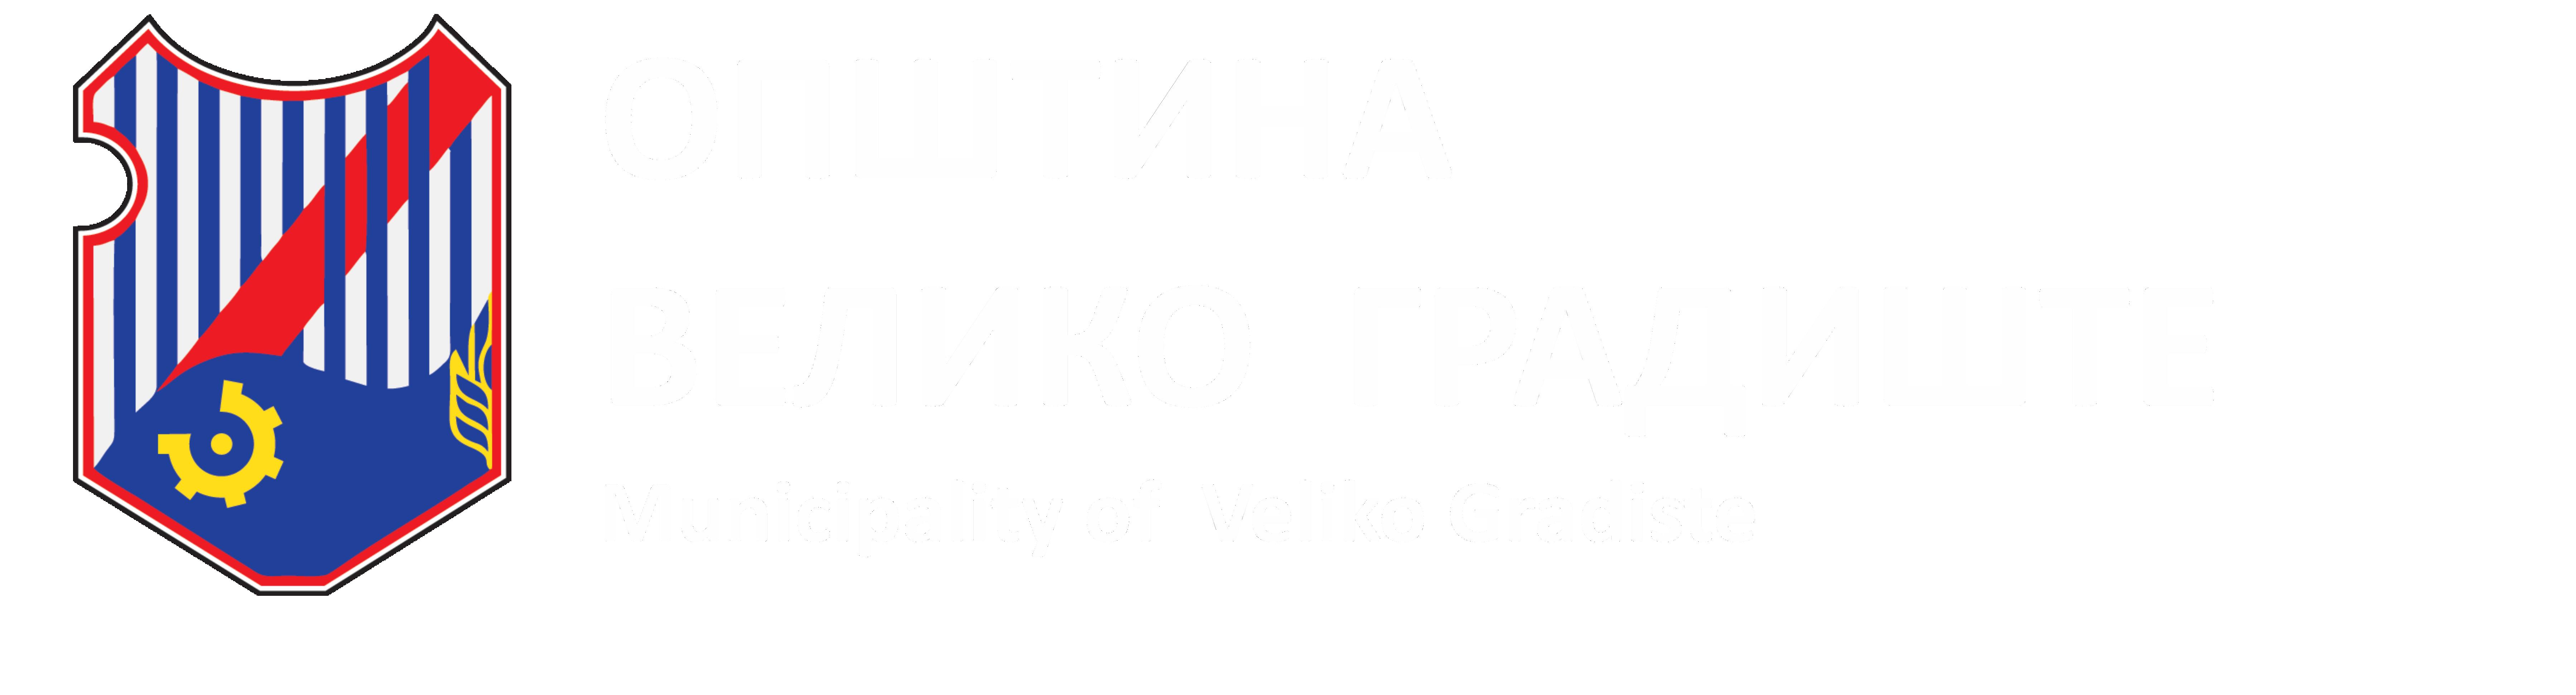 Општина Велико Градиште